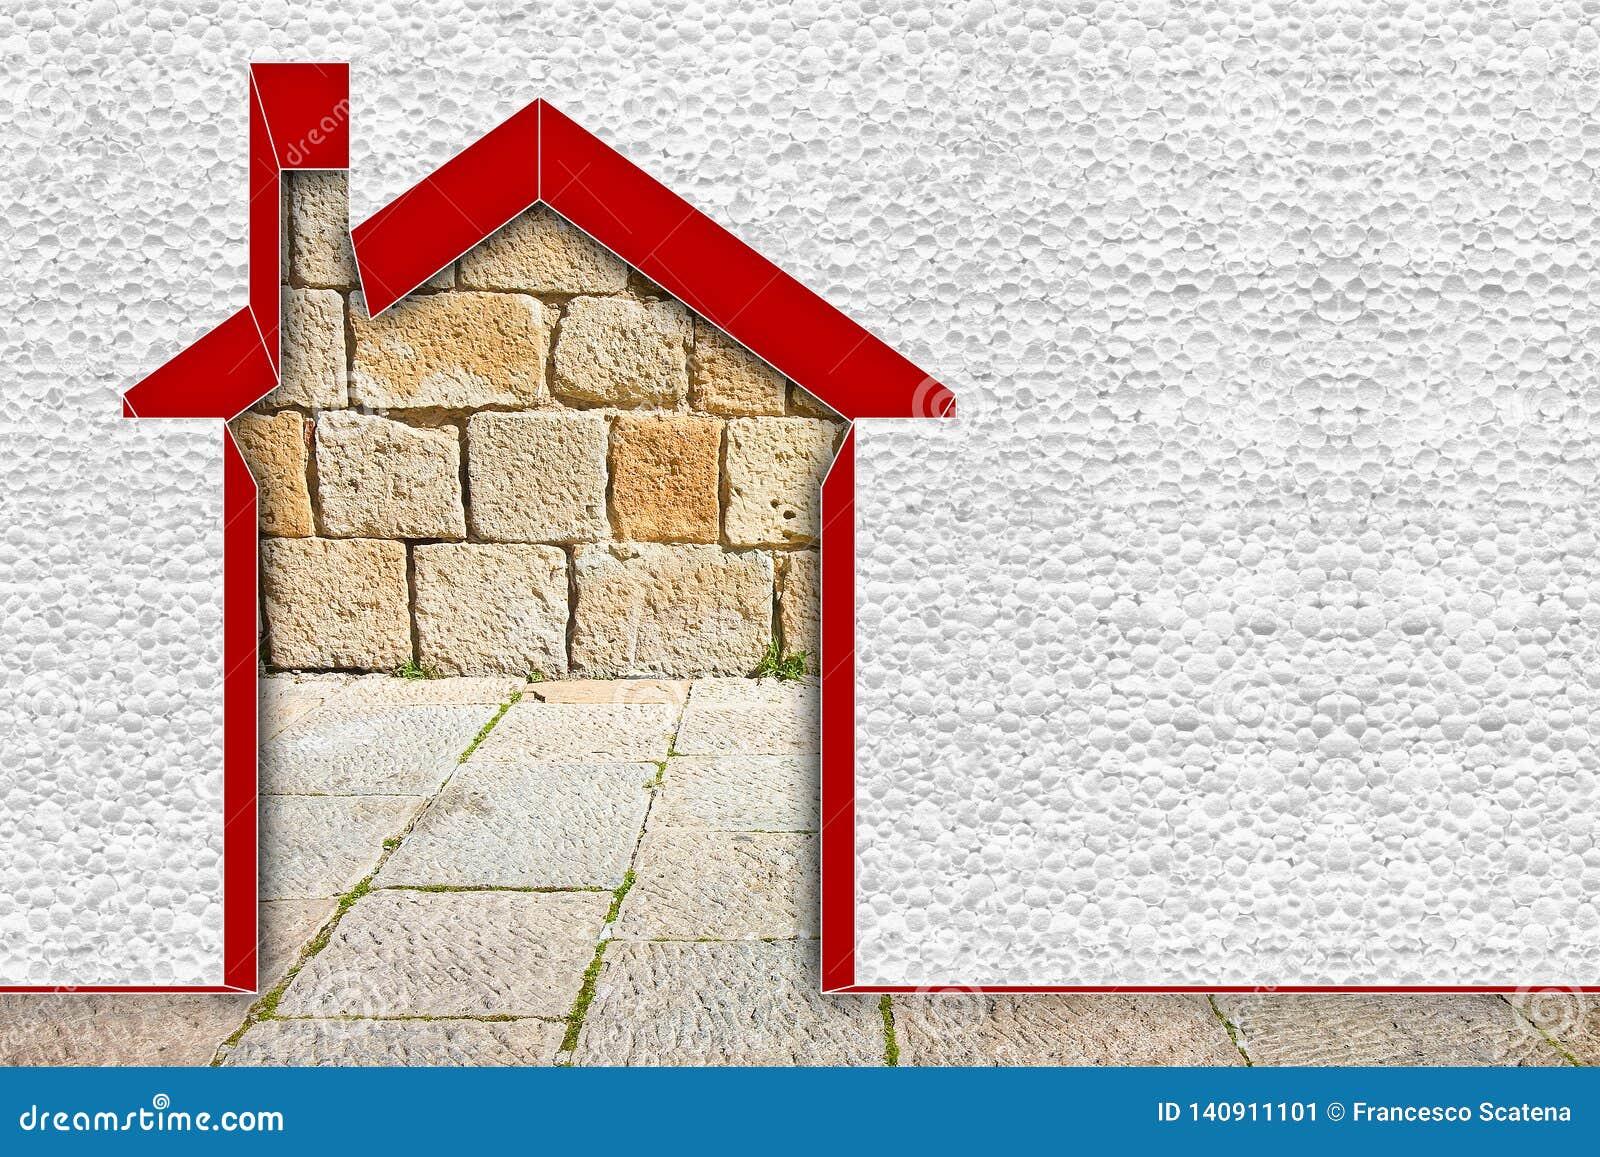 Image de concept de rendement énergétique de bâtiments - 3D rendre à la maison thermiquement isolé avec des murs de polystyrène